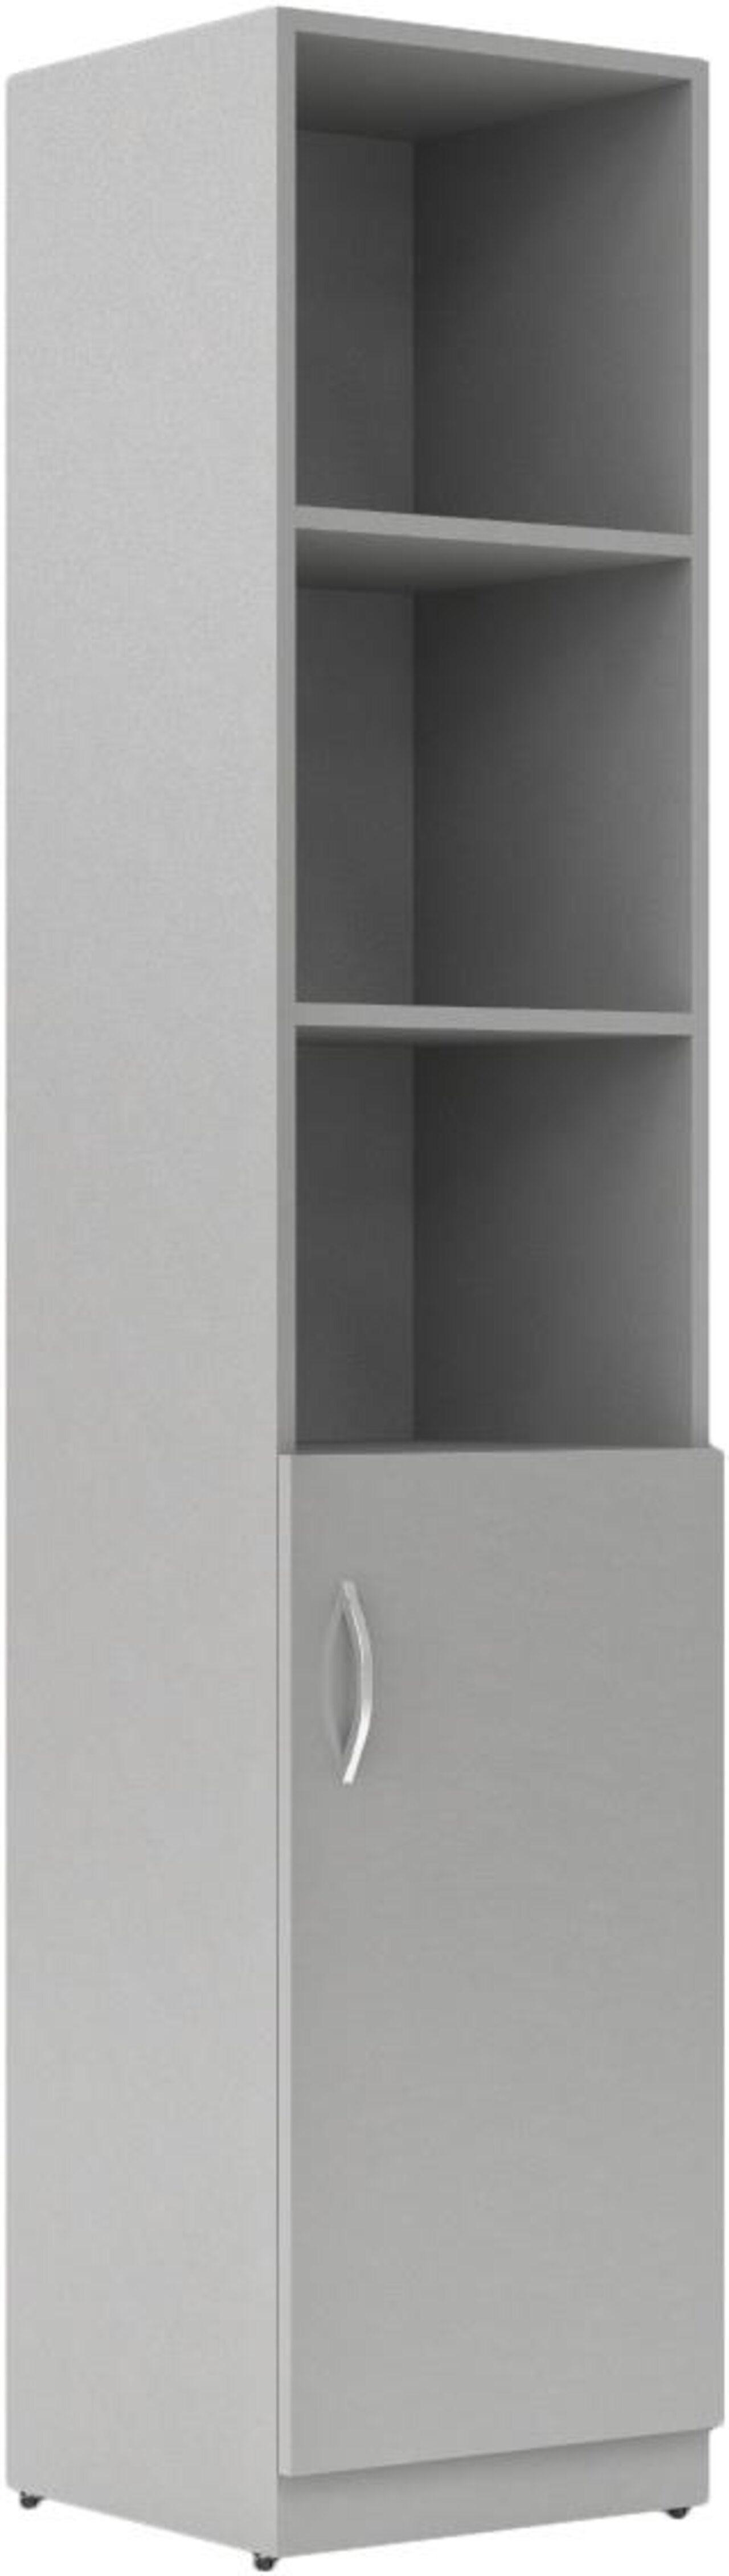 Шкаф пенал комбинированный правый  Simple 38x39x182 - фото 5